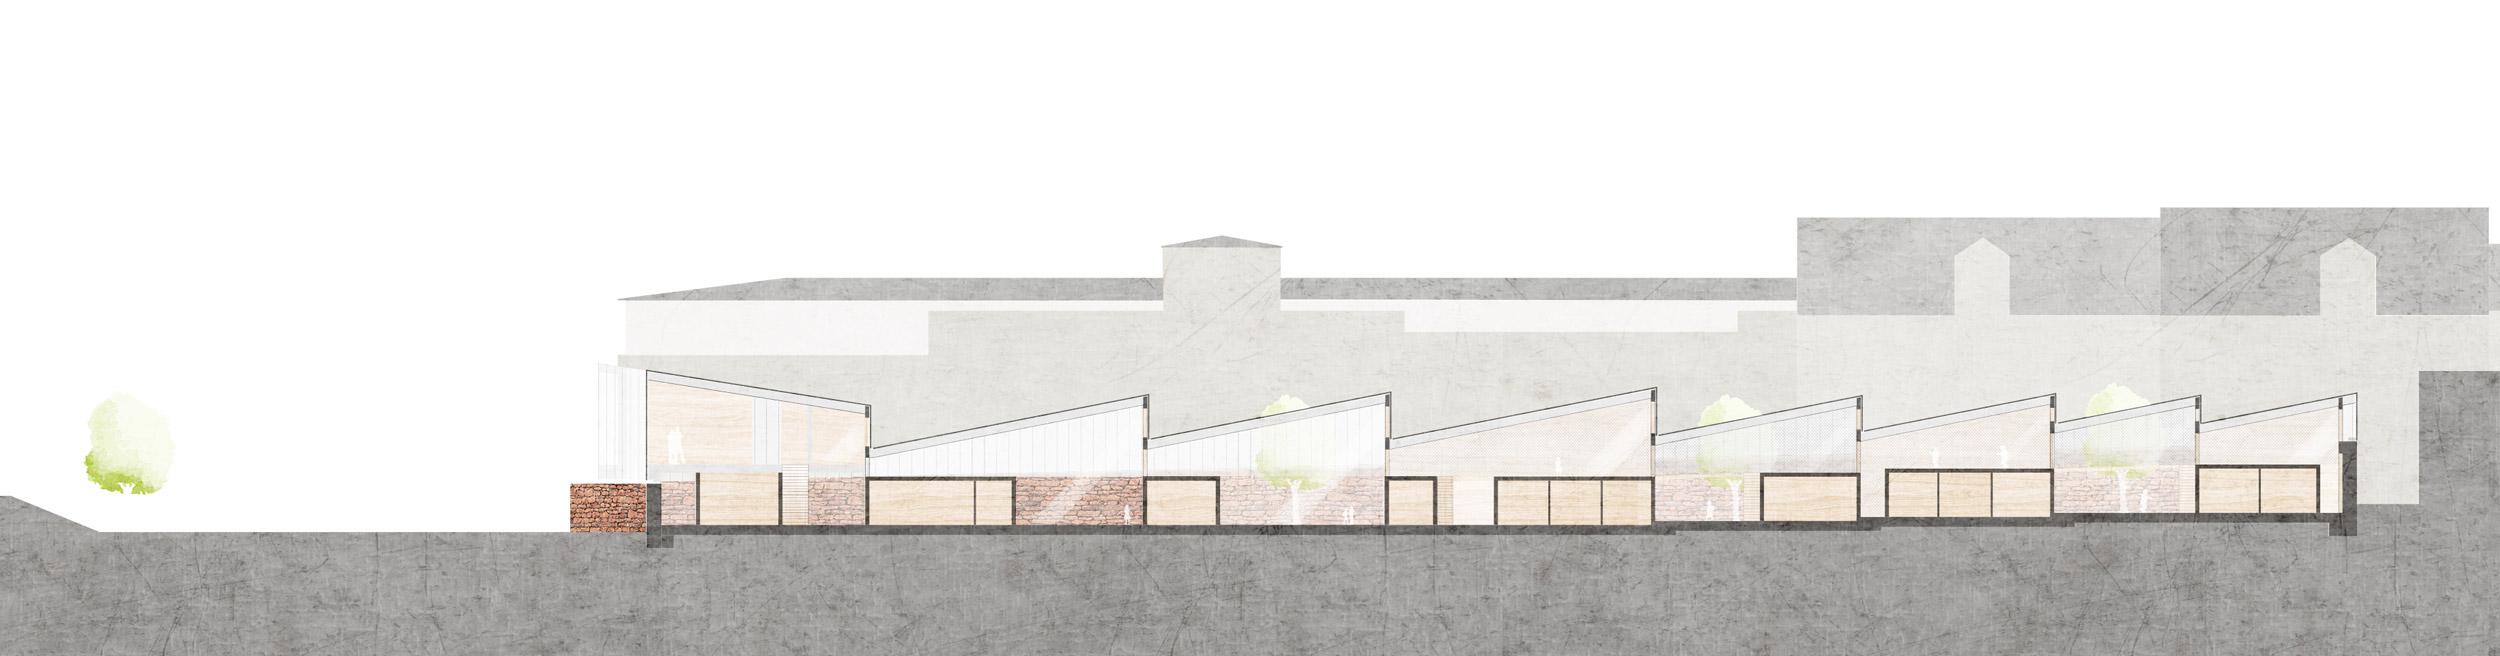 STUDIOKUBIK-KUBIK-architektur-architecture-berlin-KFM-ansicht-2